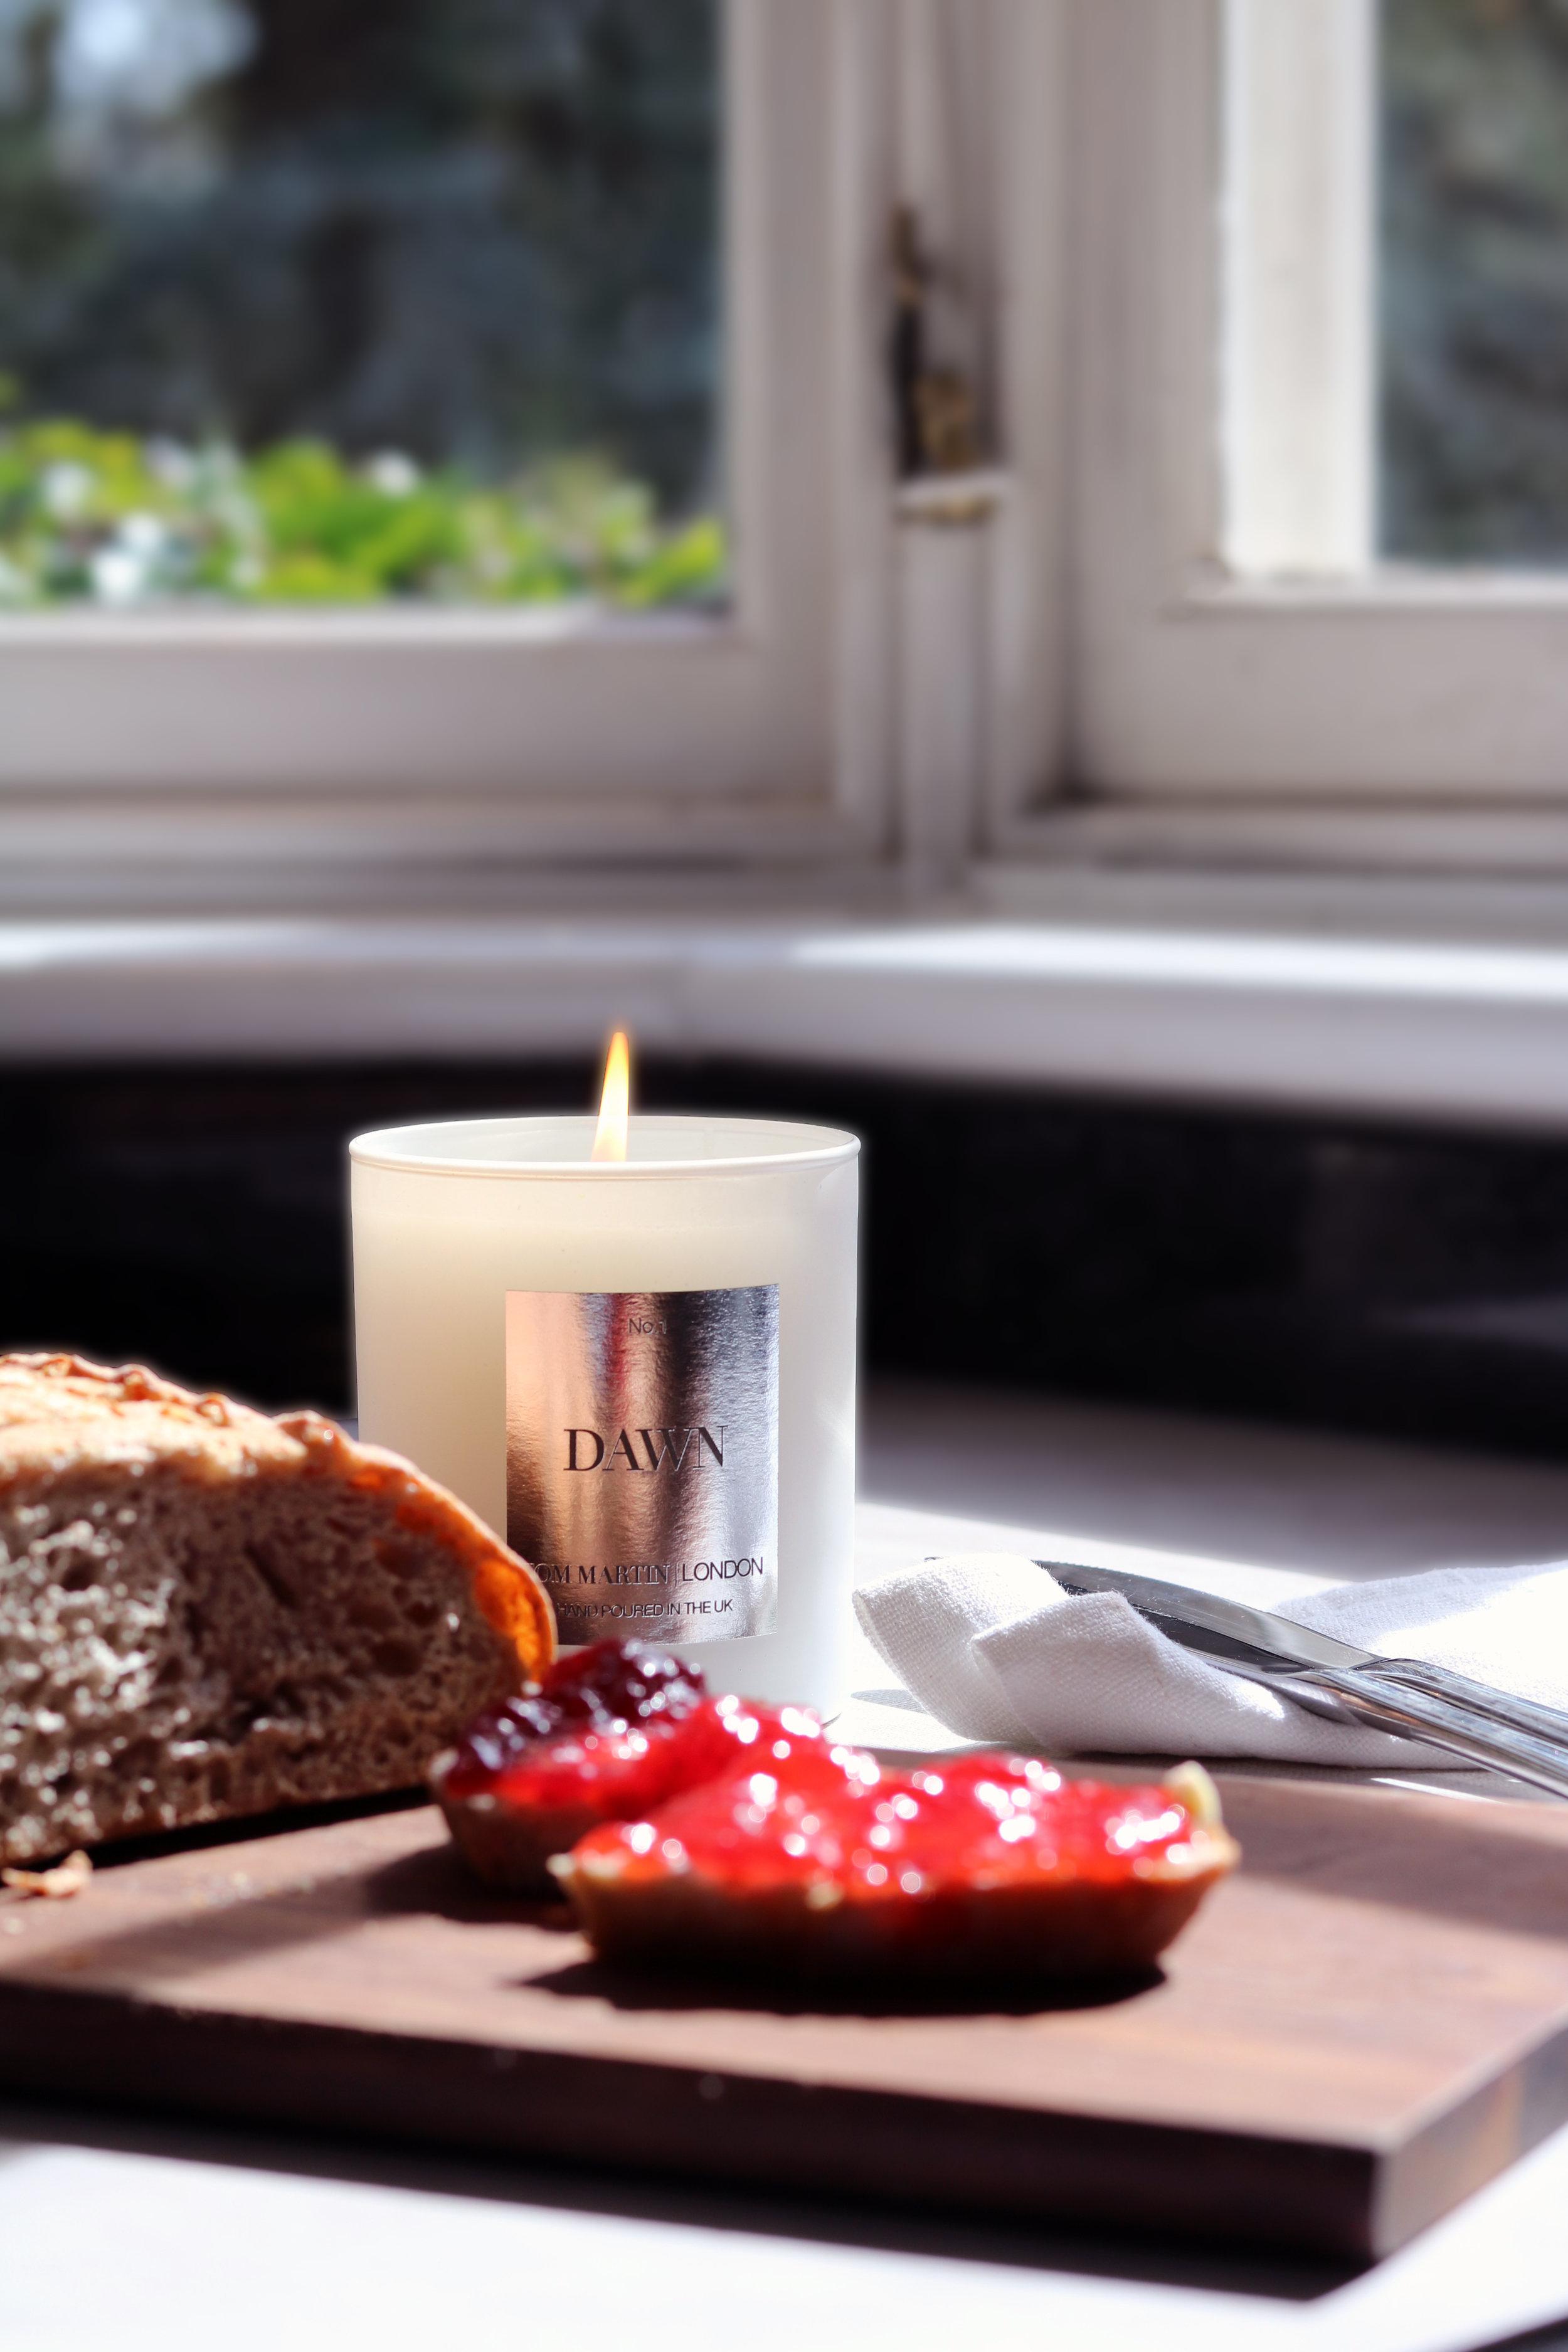 Dawn & Dusk - Shop Our Home Candles